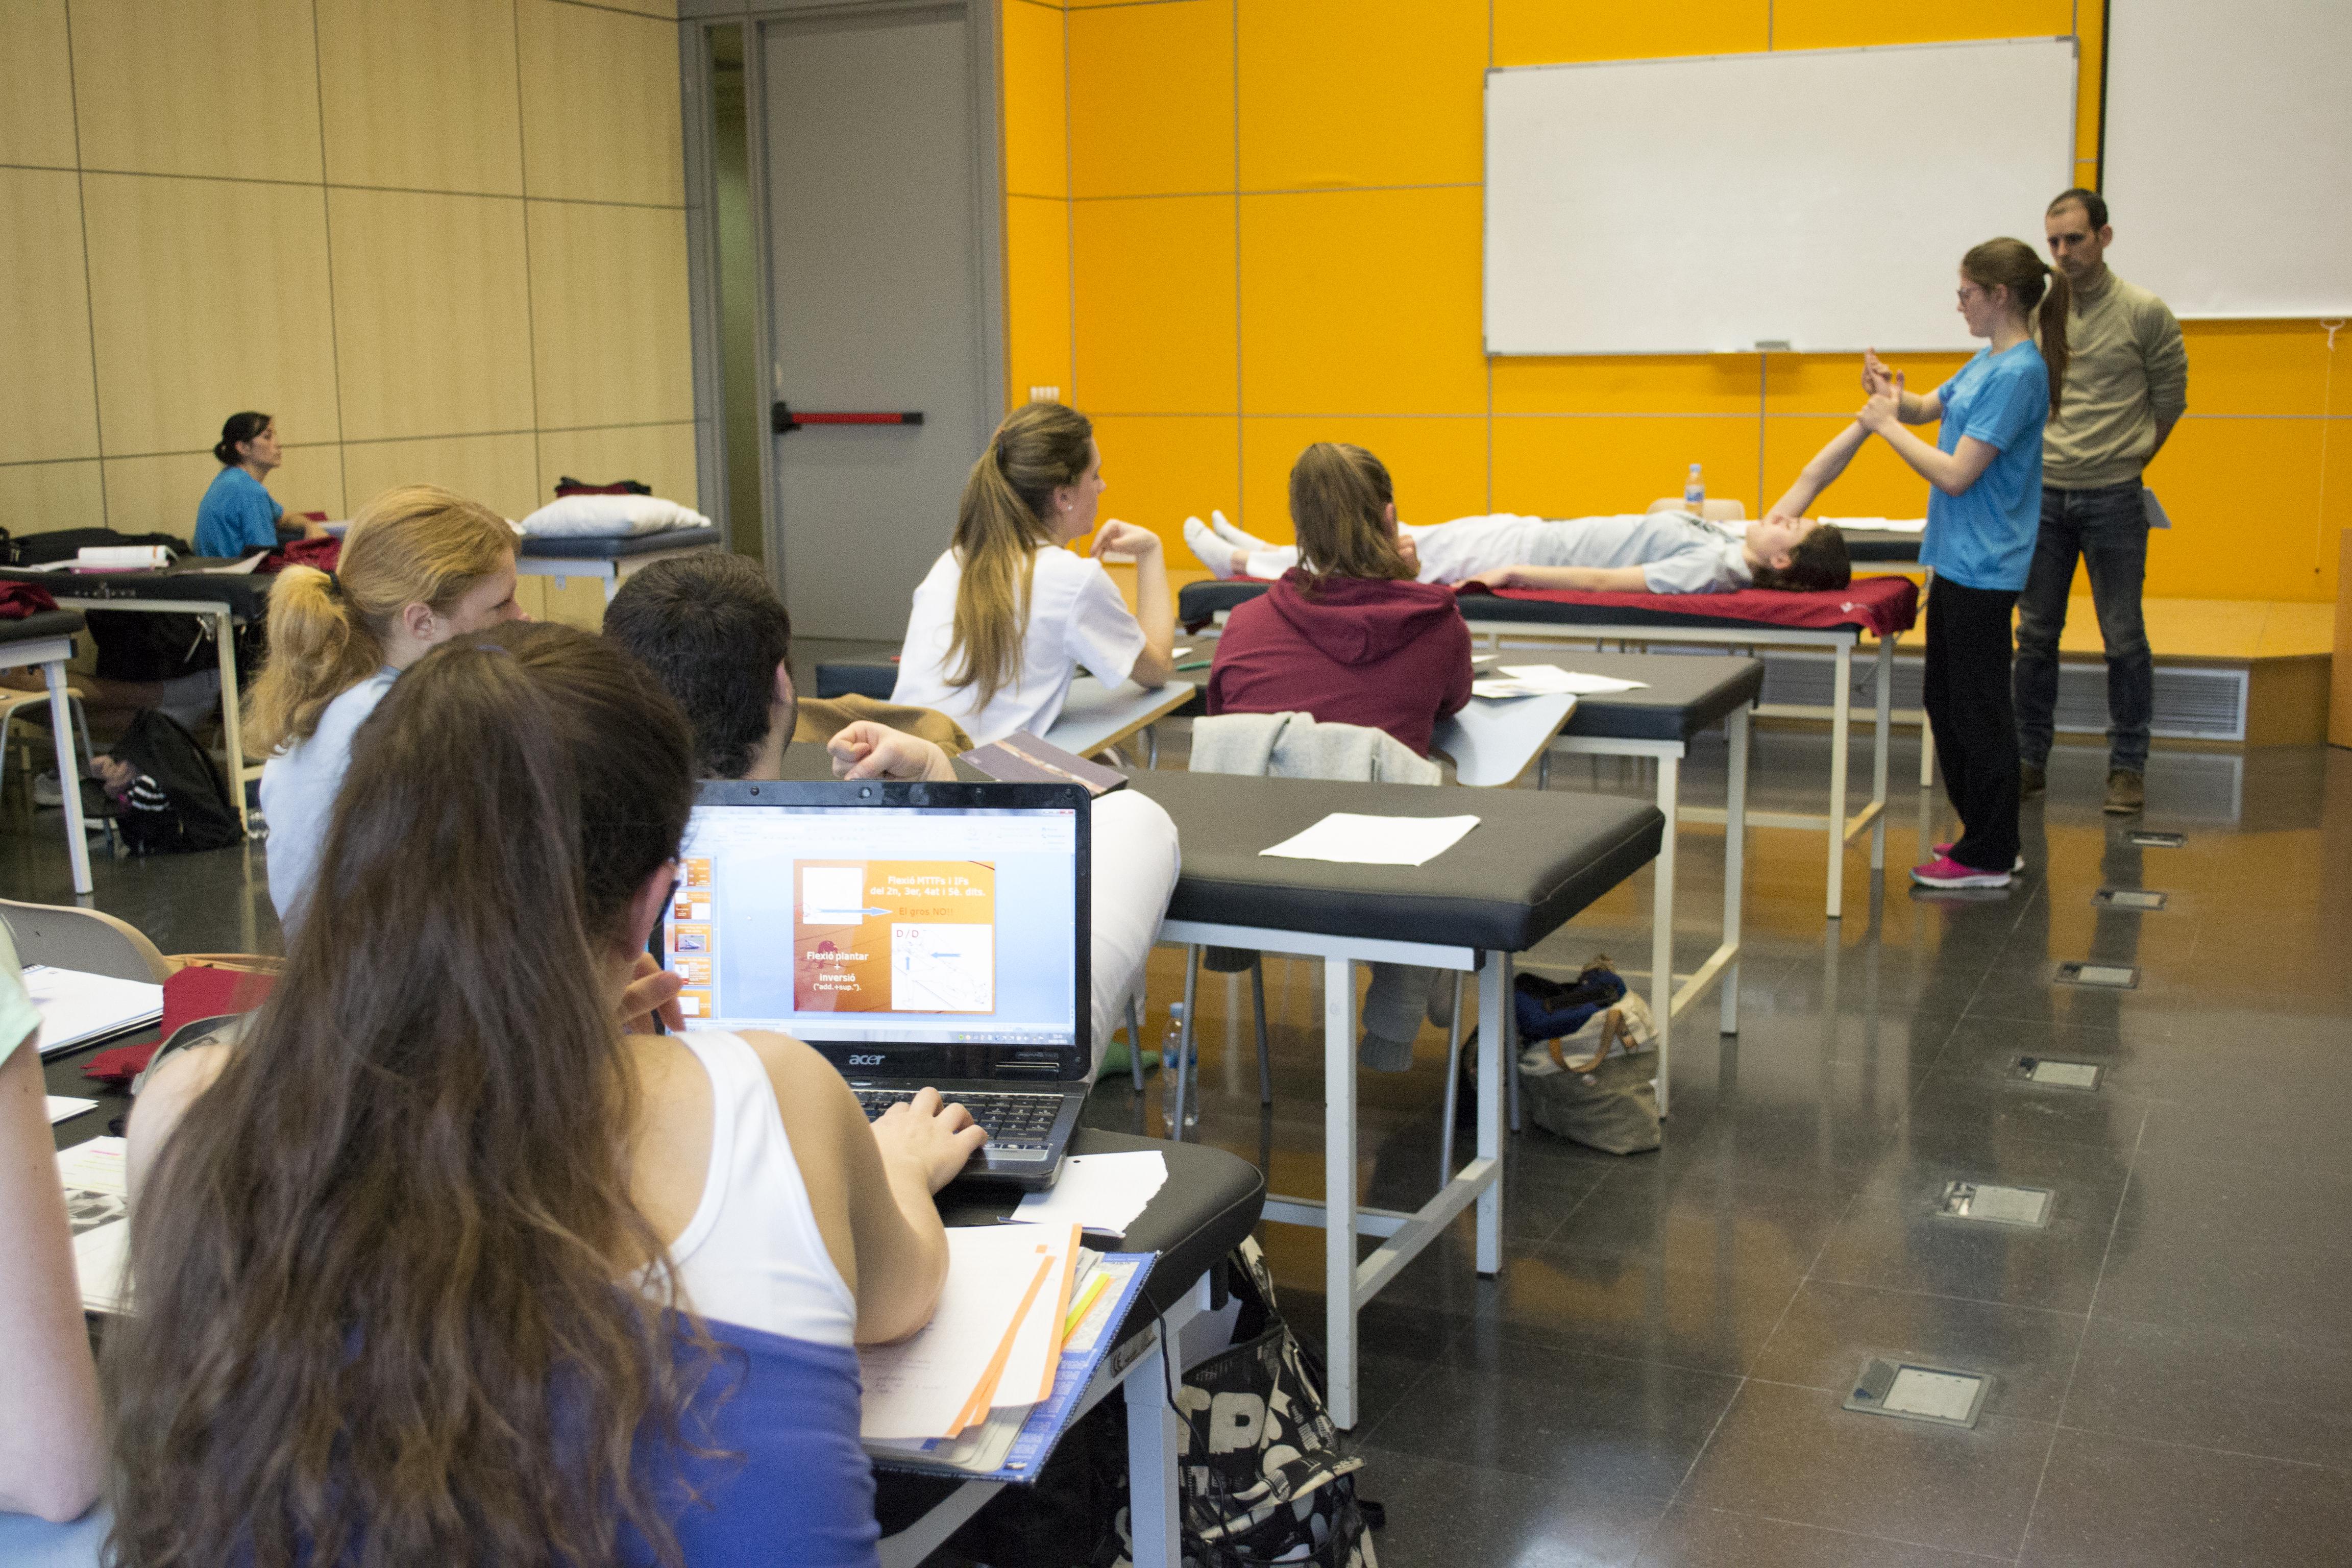 Coneixes les sortides professionals del Grau en Fisioteràpia d'EUSES Campus Terres de l'Ebre?